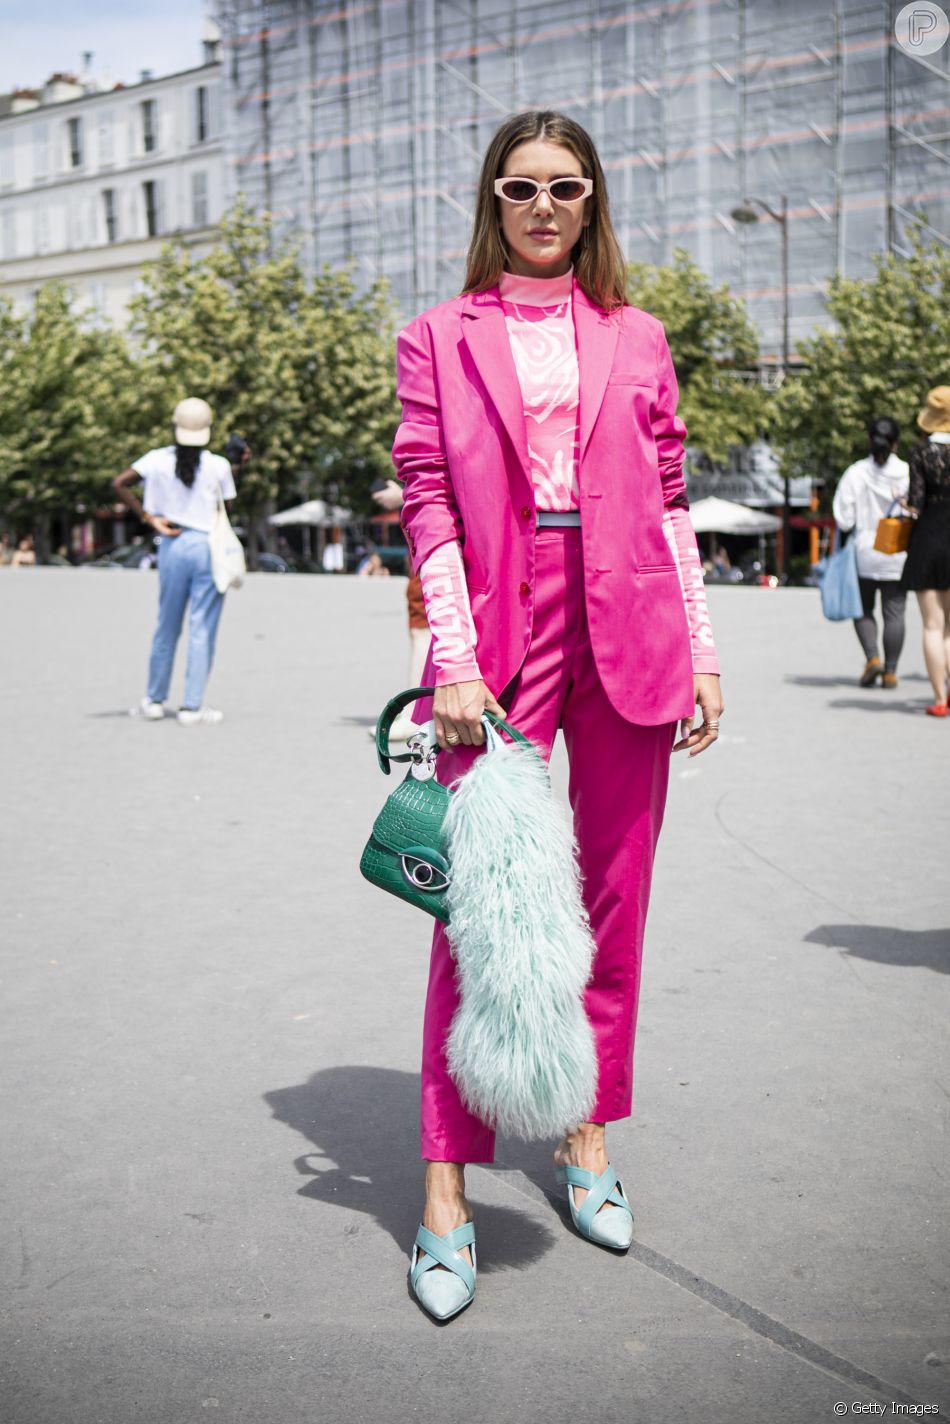 Moda de Coco Chanel: terno e conjuntinho estão em alta